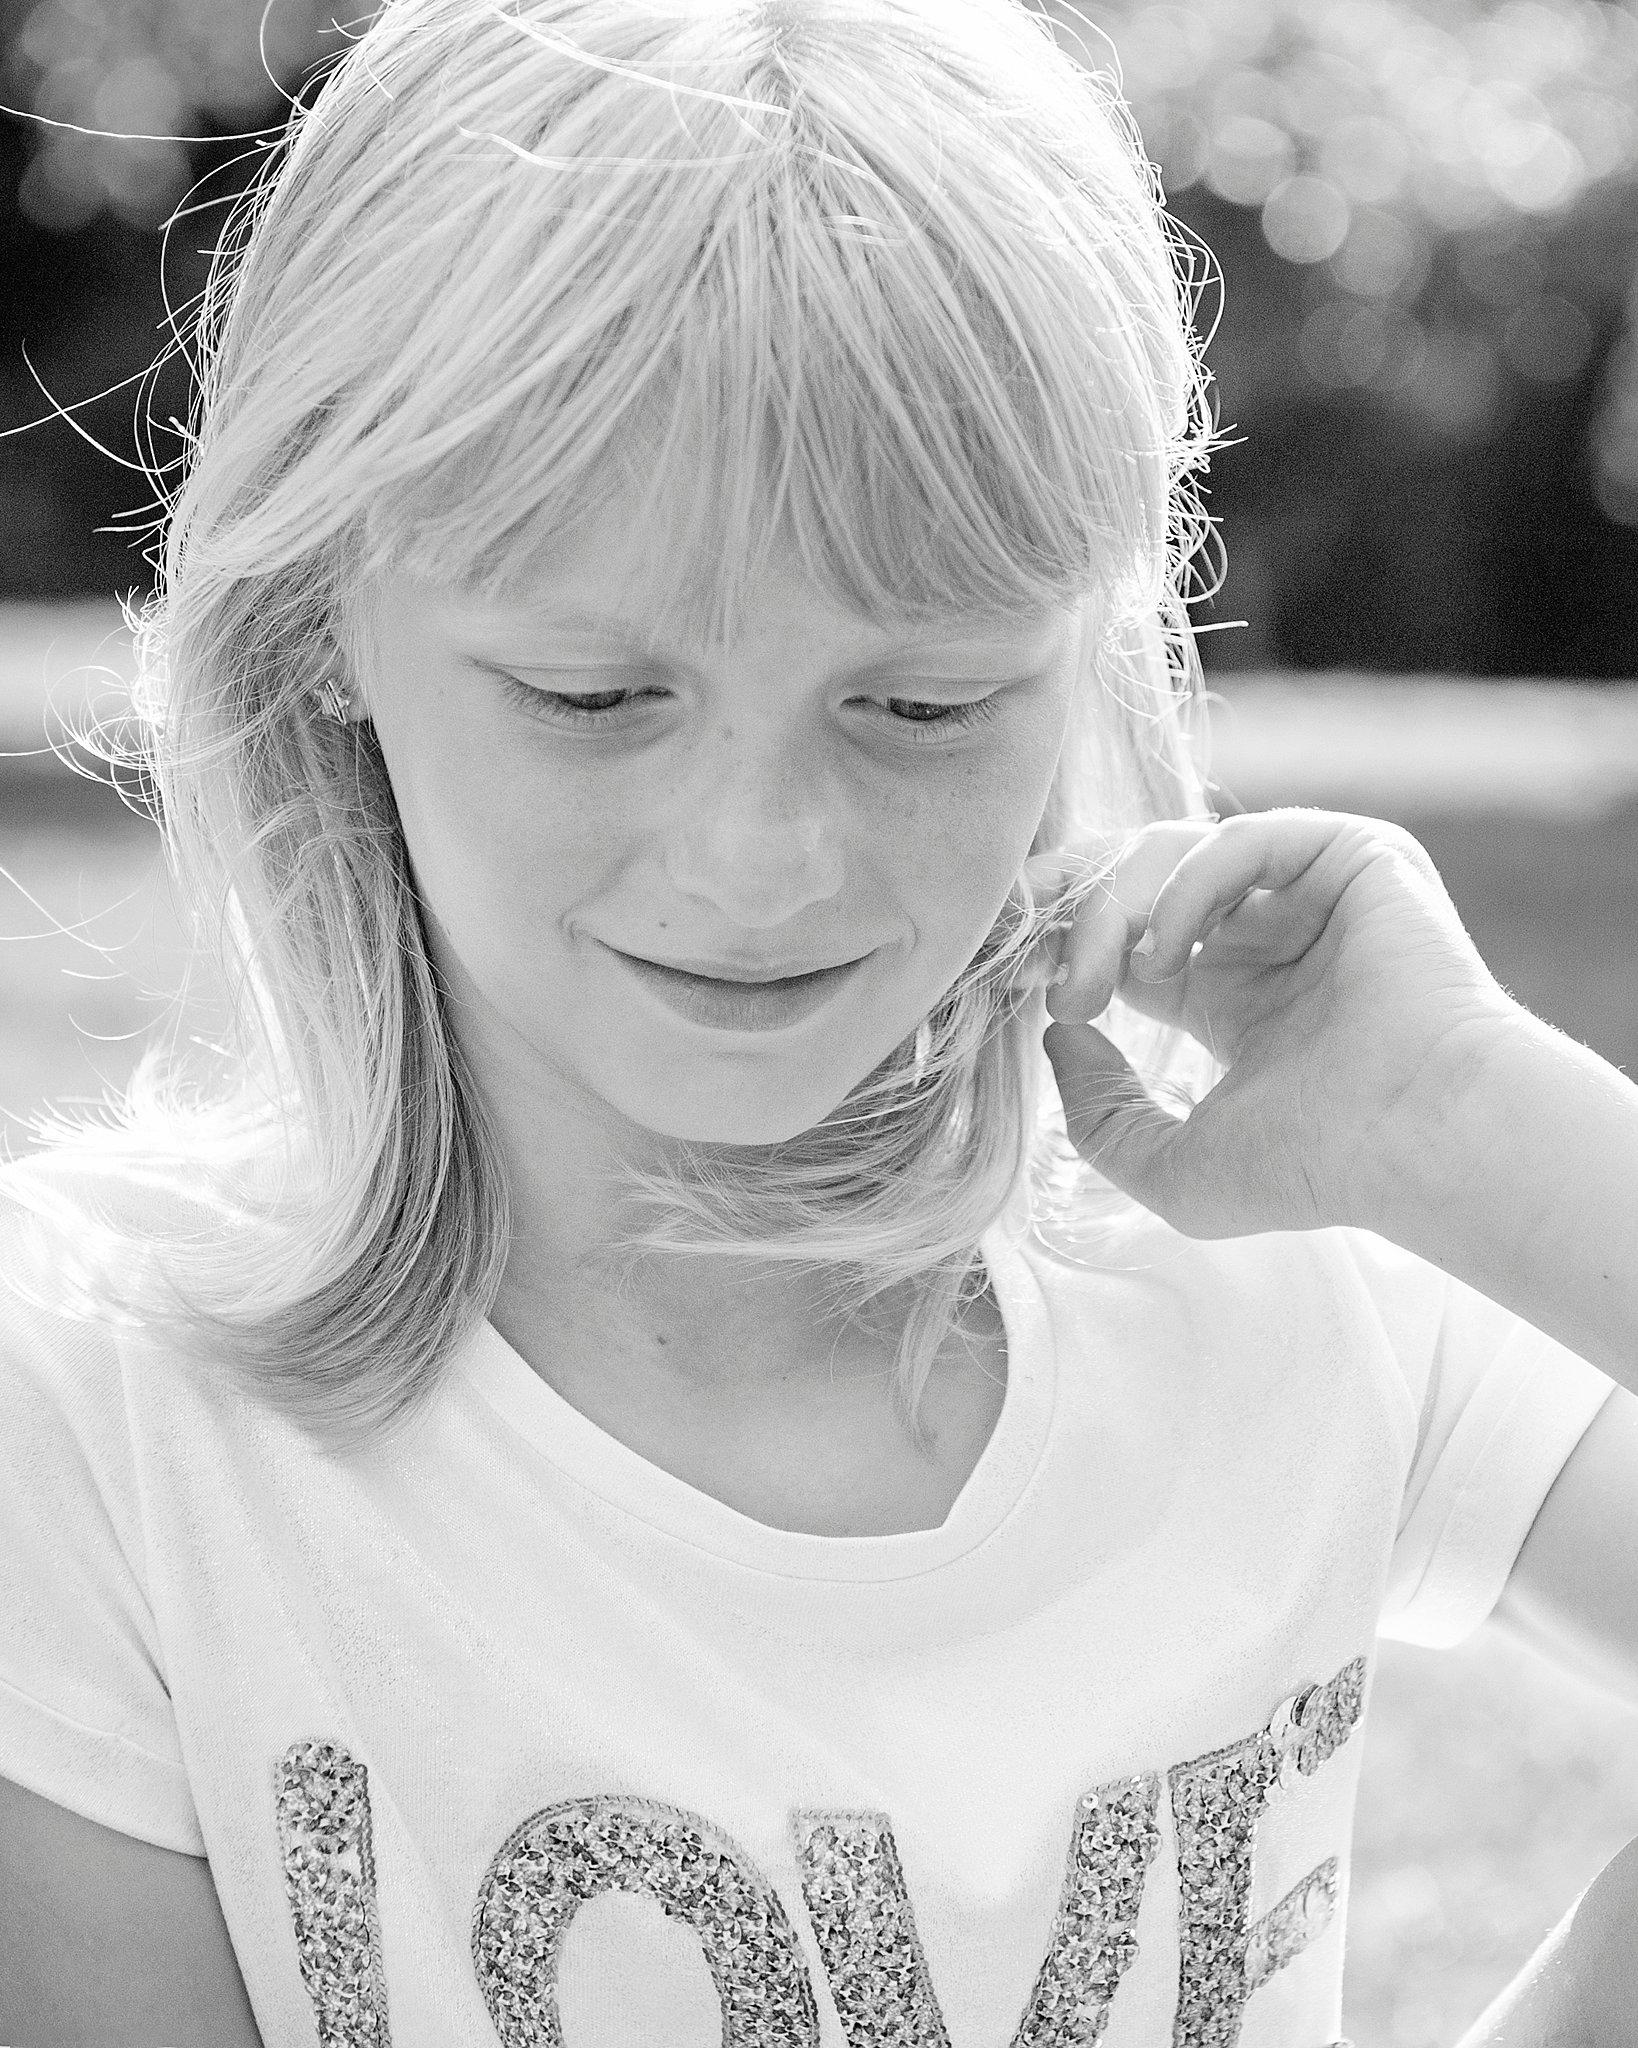 Family_portraits_Family_photographer_family_photography>out_door_photo_shhoots_family_photo_shoots_photographers_near_me Sarah_bee_photography_1309.jpg